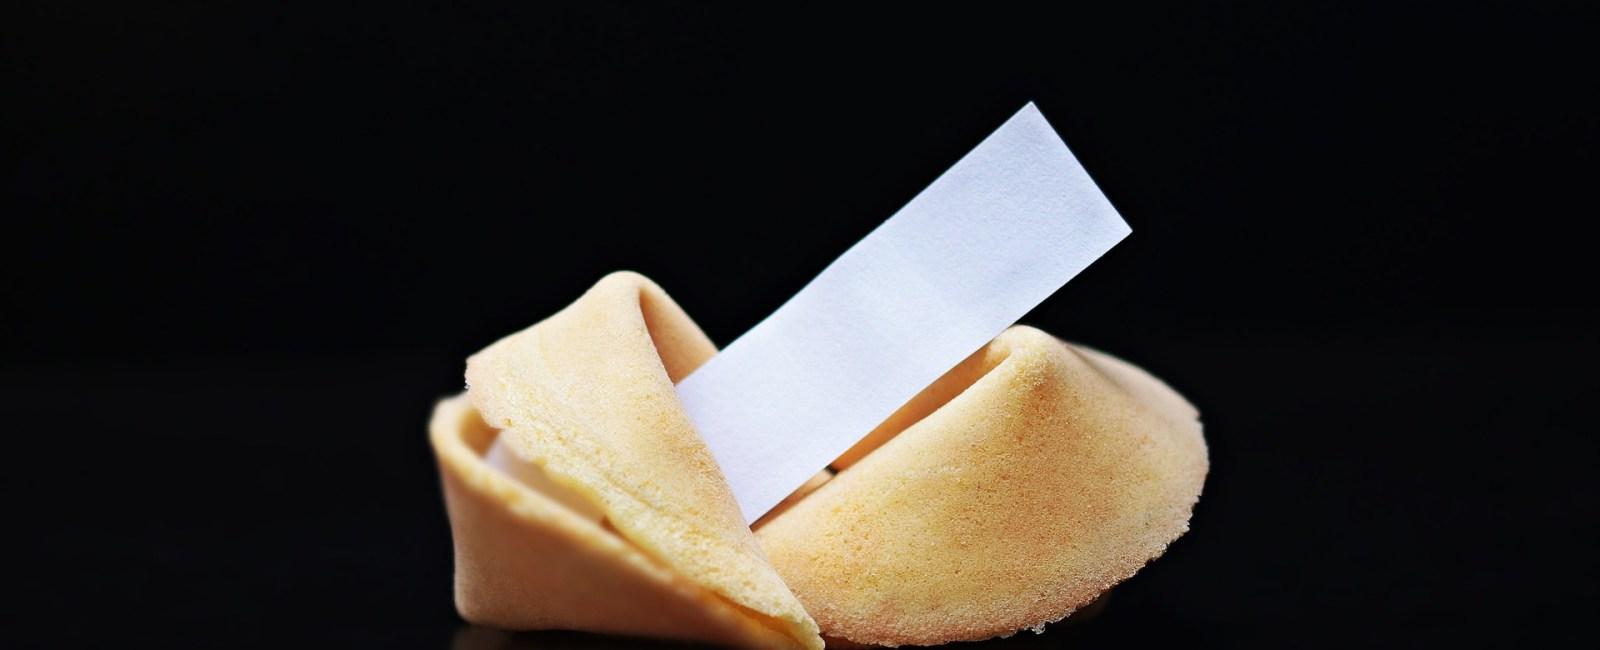 fortune cookies (Photo credit: pixel2013 / Pixabay)